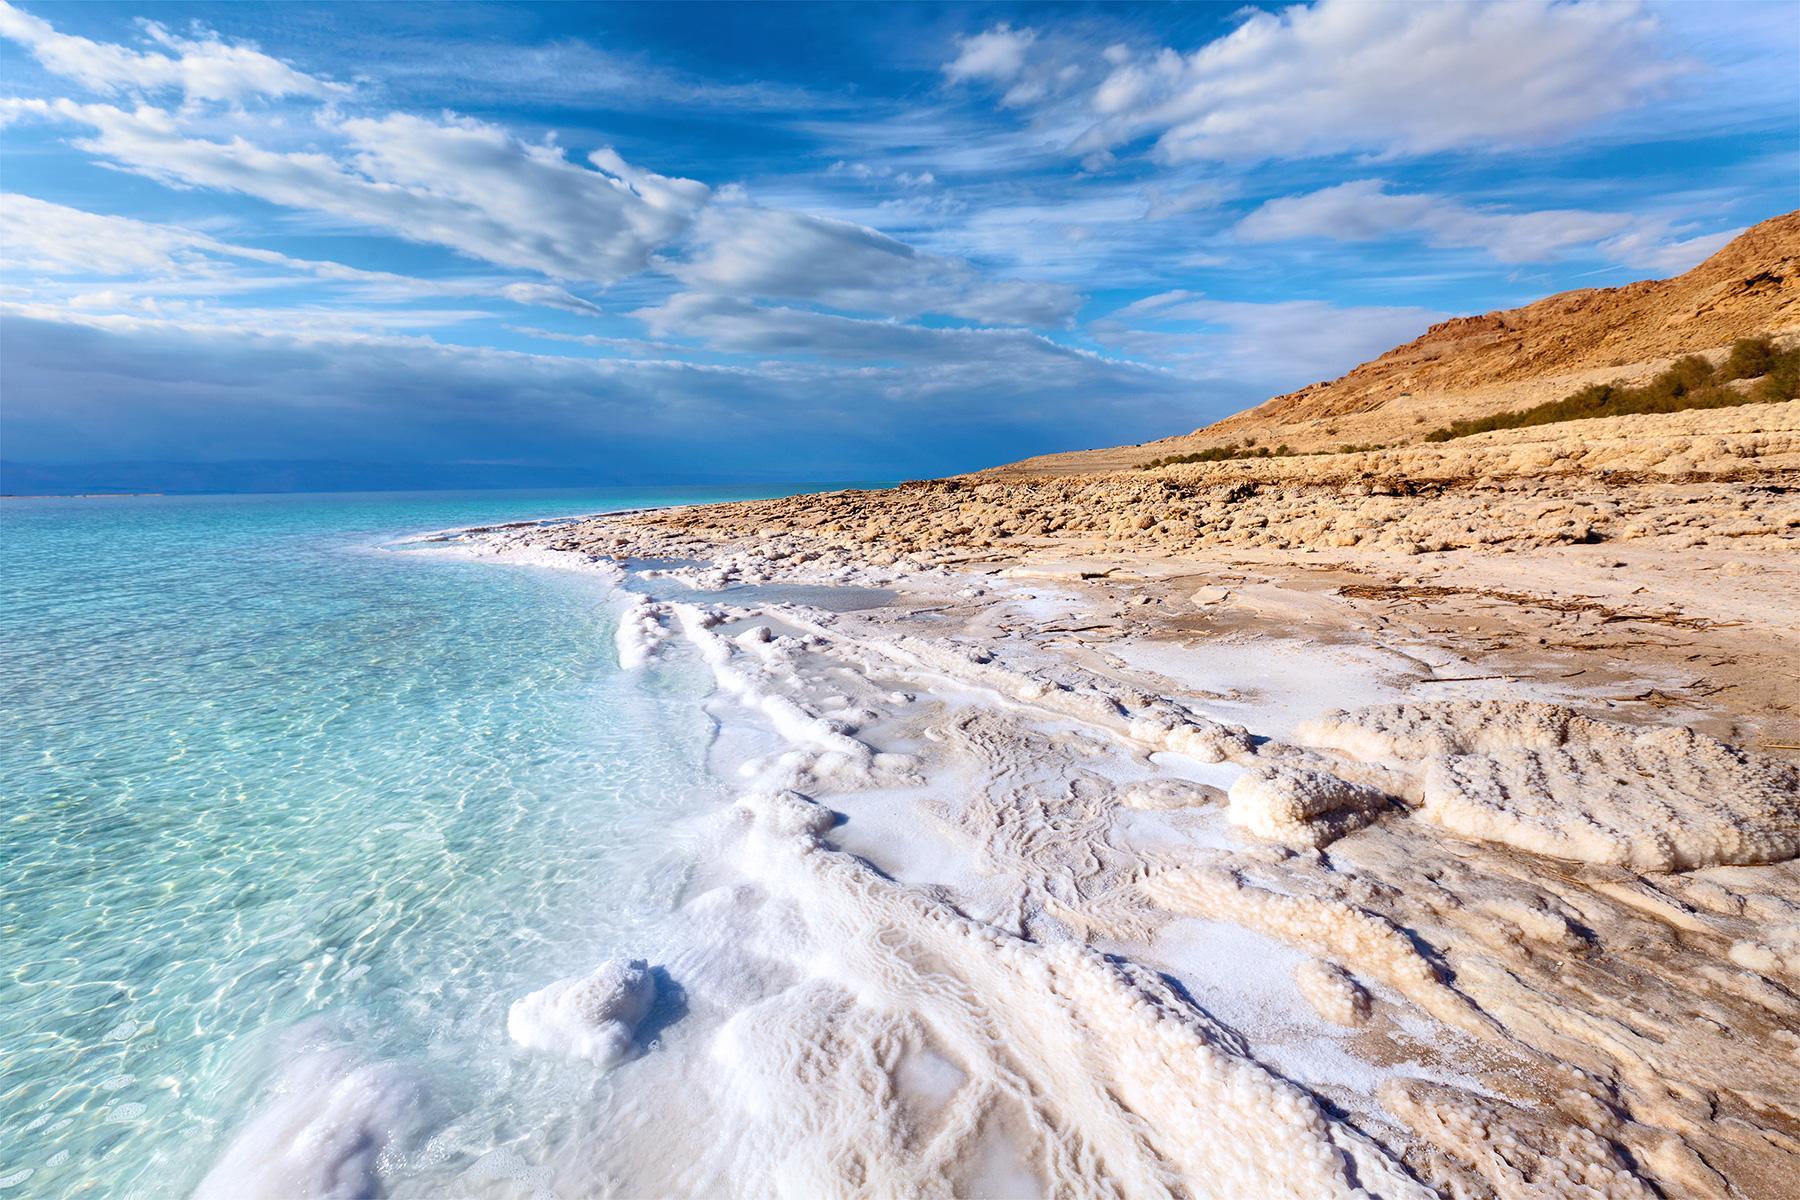 Соленые берега Мертвого моря Израиль